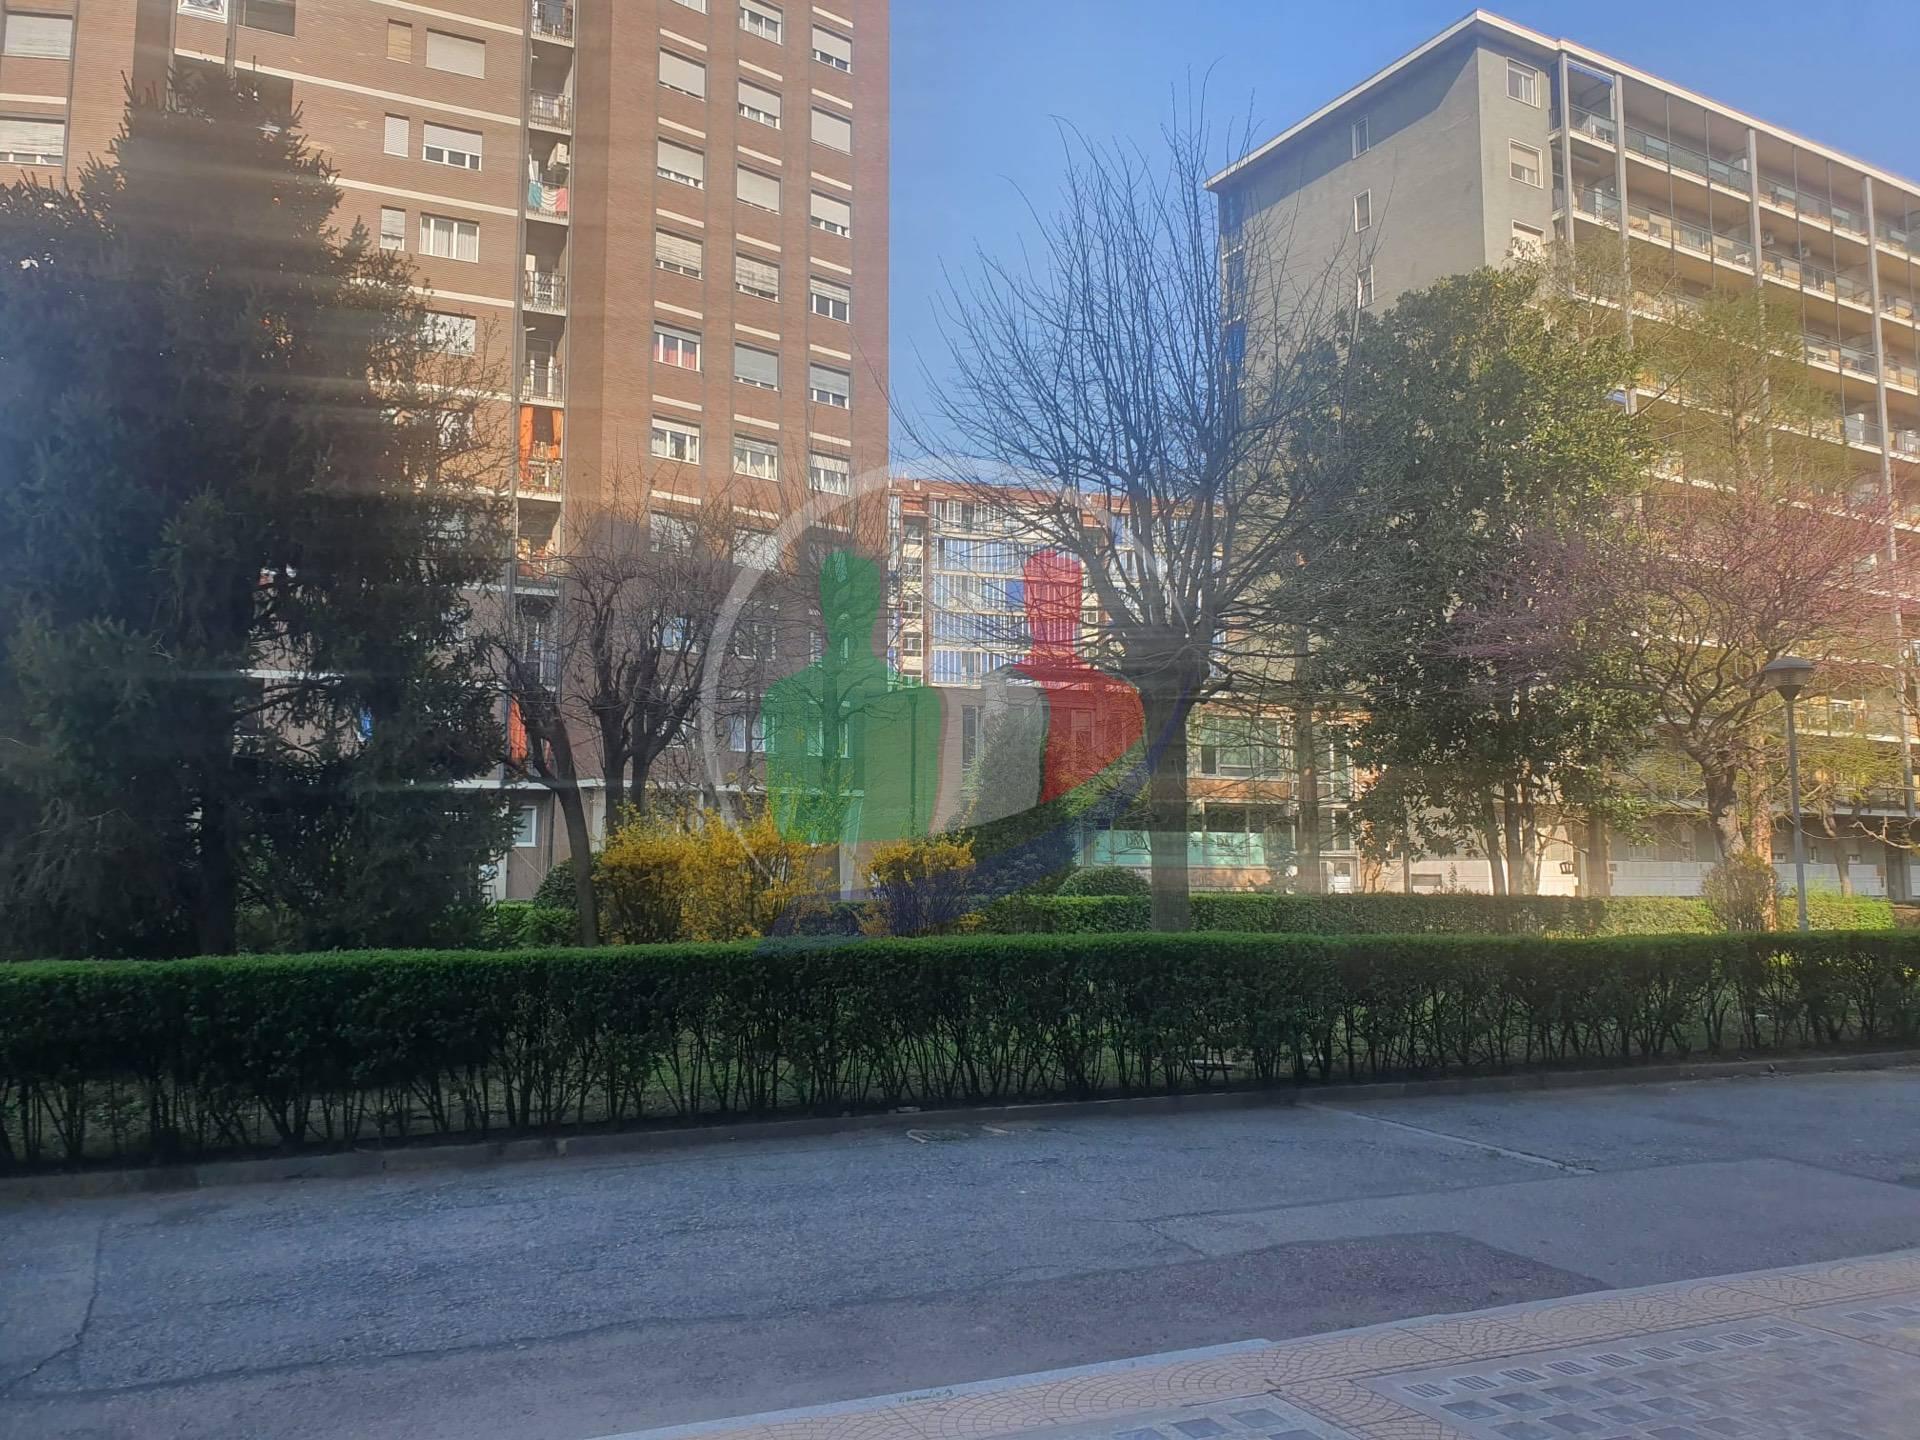 Appartamento in vendita a Torino, 2 locali, zona Lingotto, prezzo € 69.000 | PortaleAgenzieImmobiliari.it